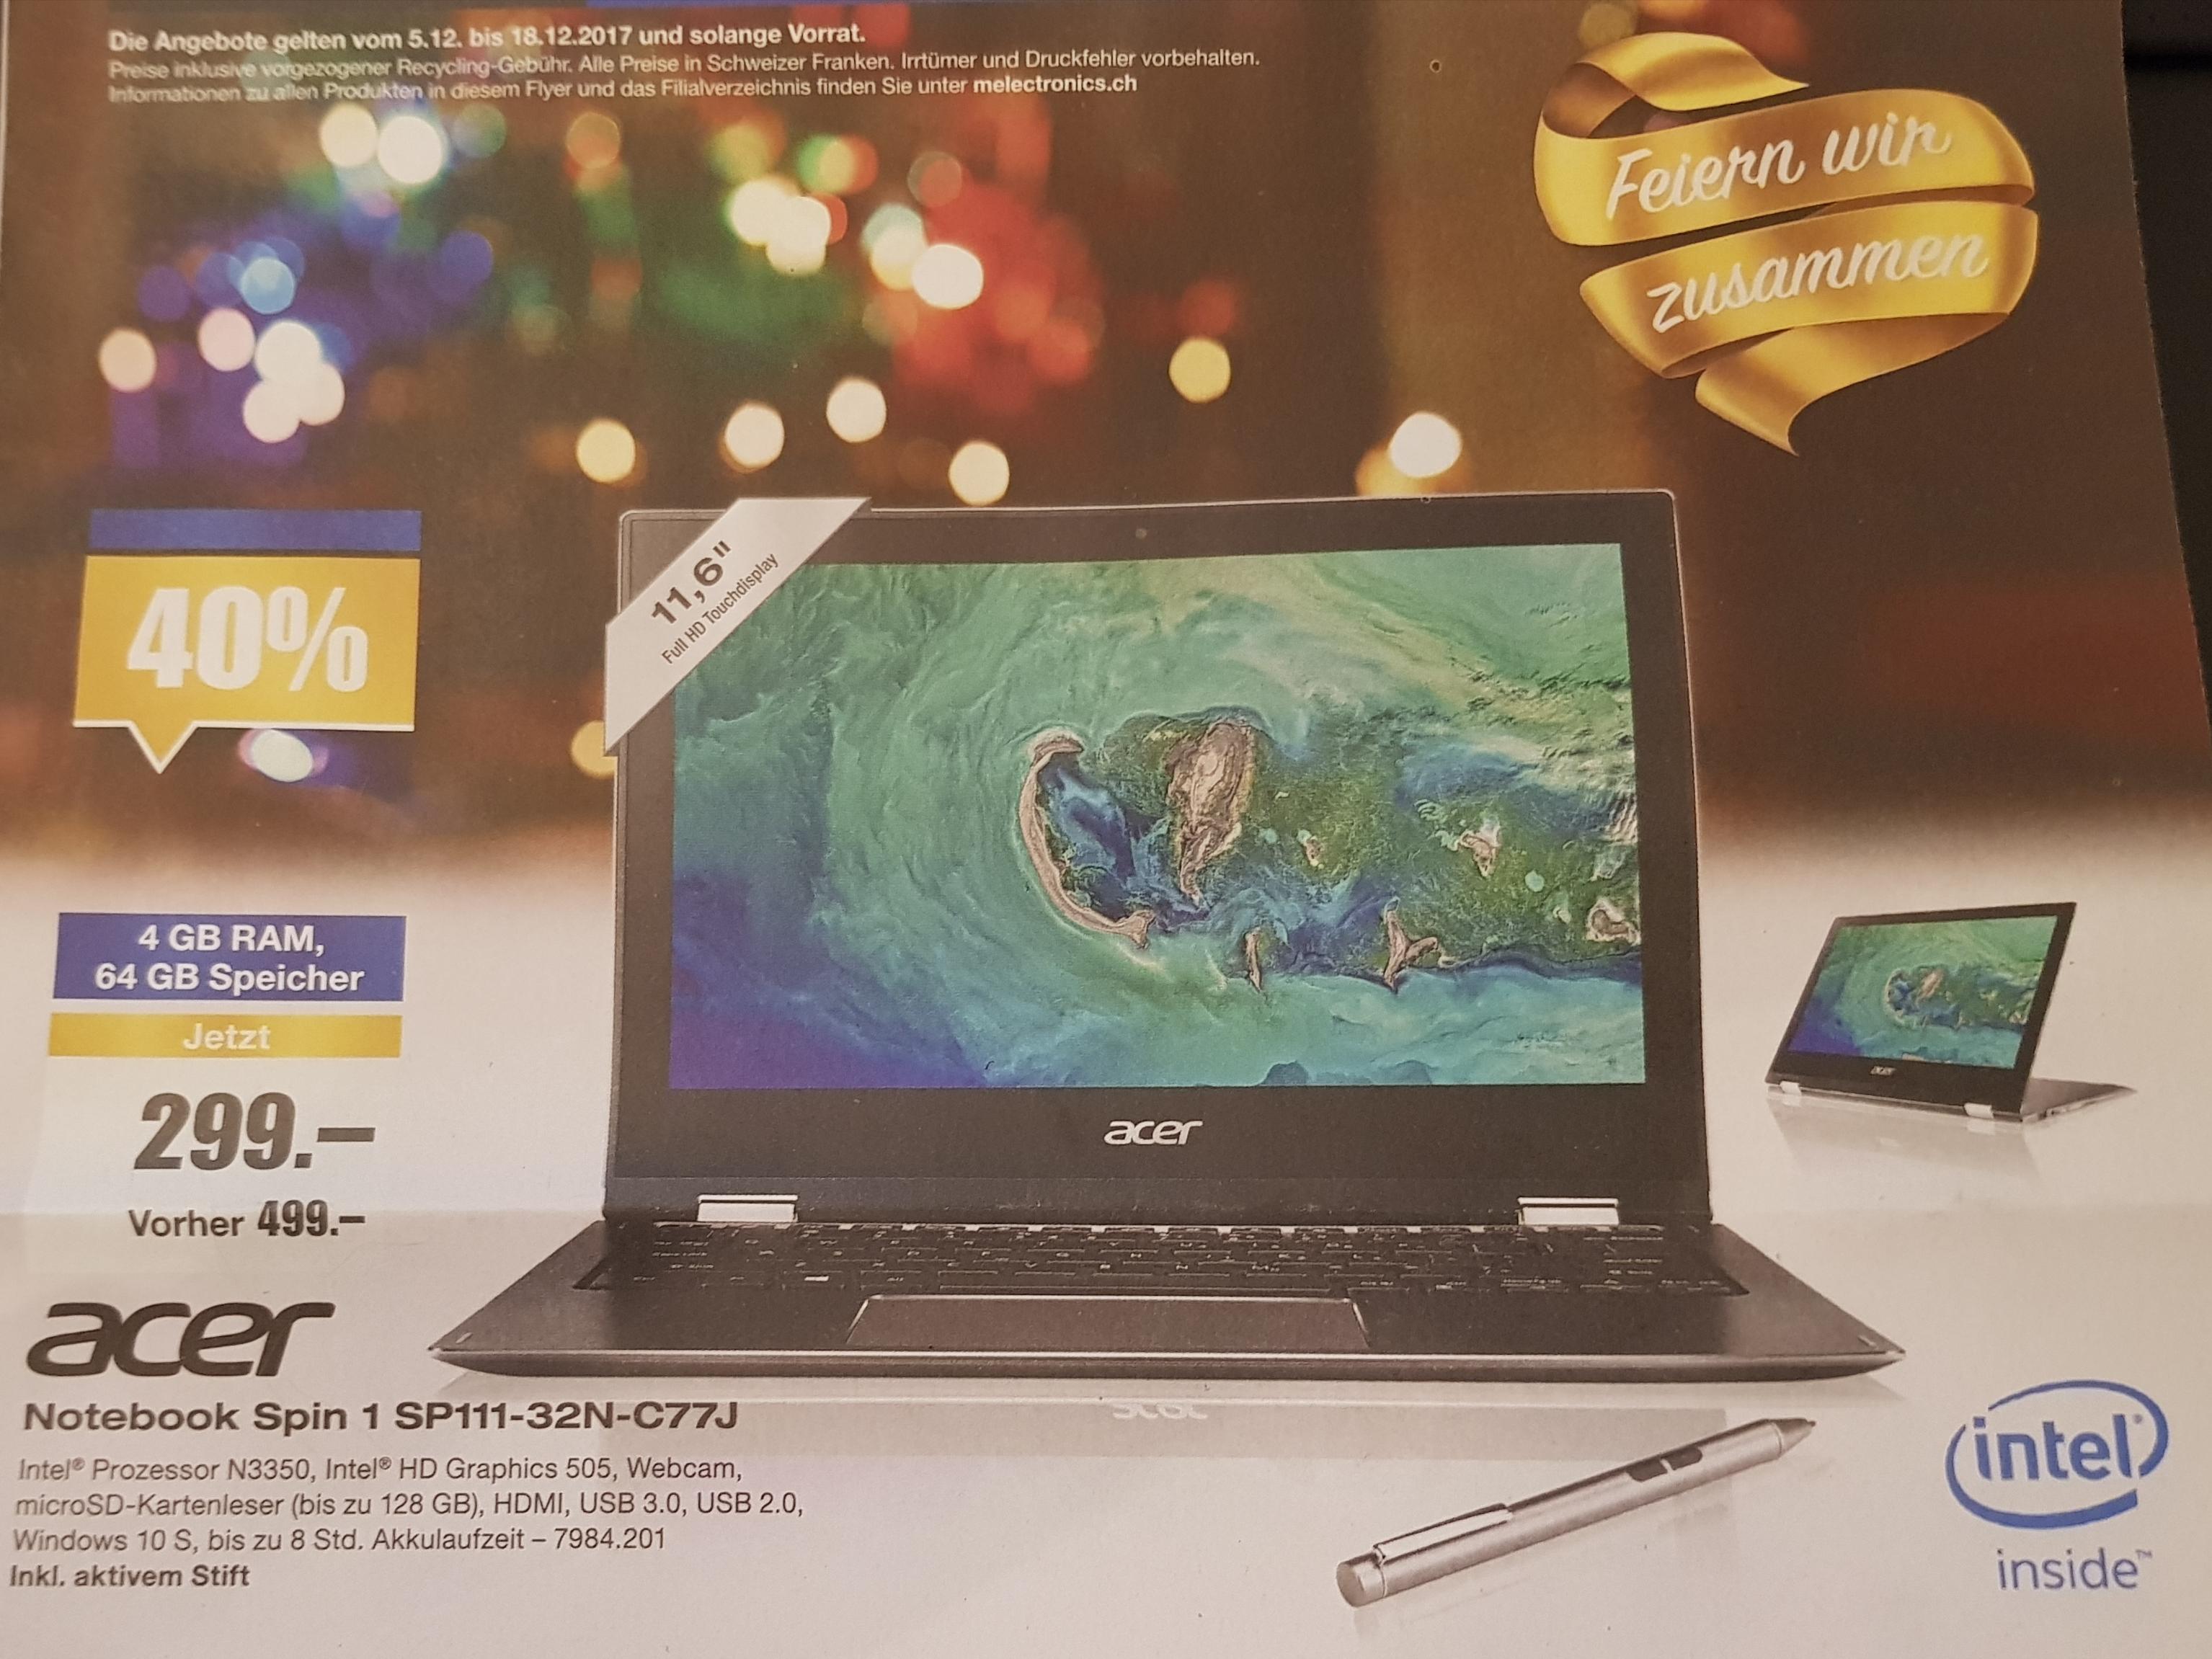 [Schweiz] Acer Spin 1 inkl. Stift bei melectronics.ch